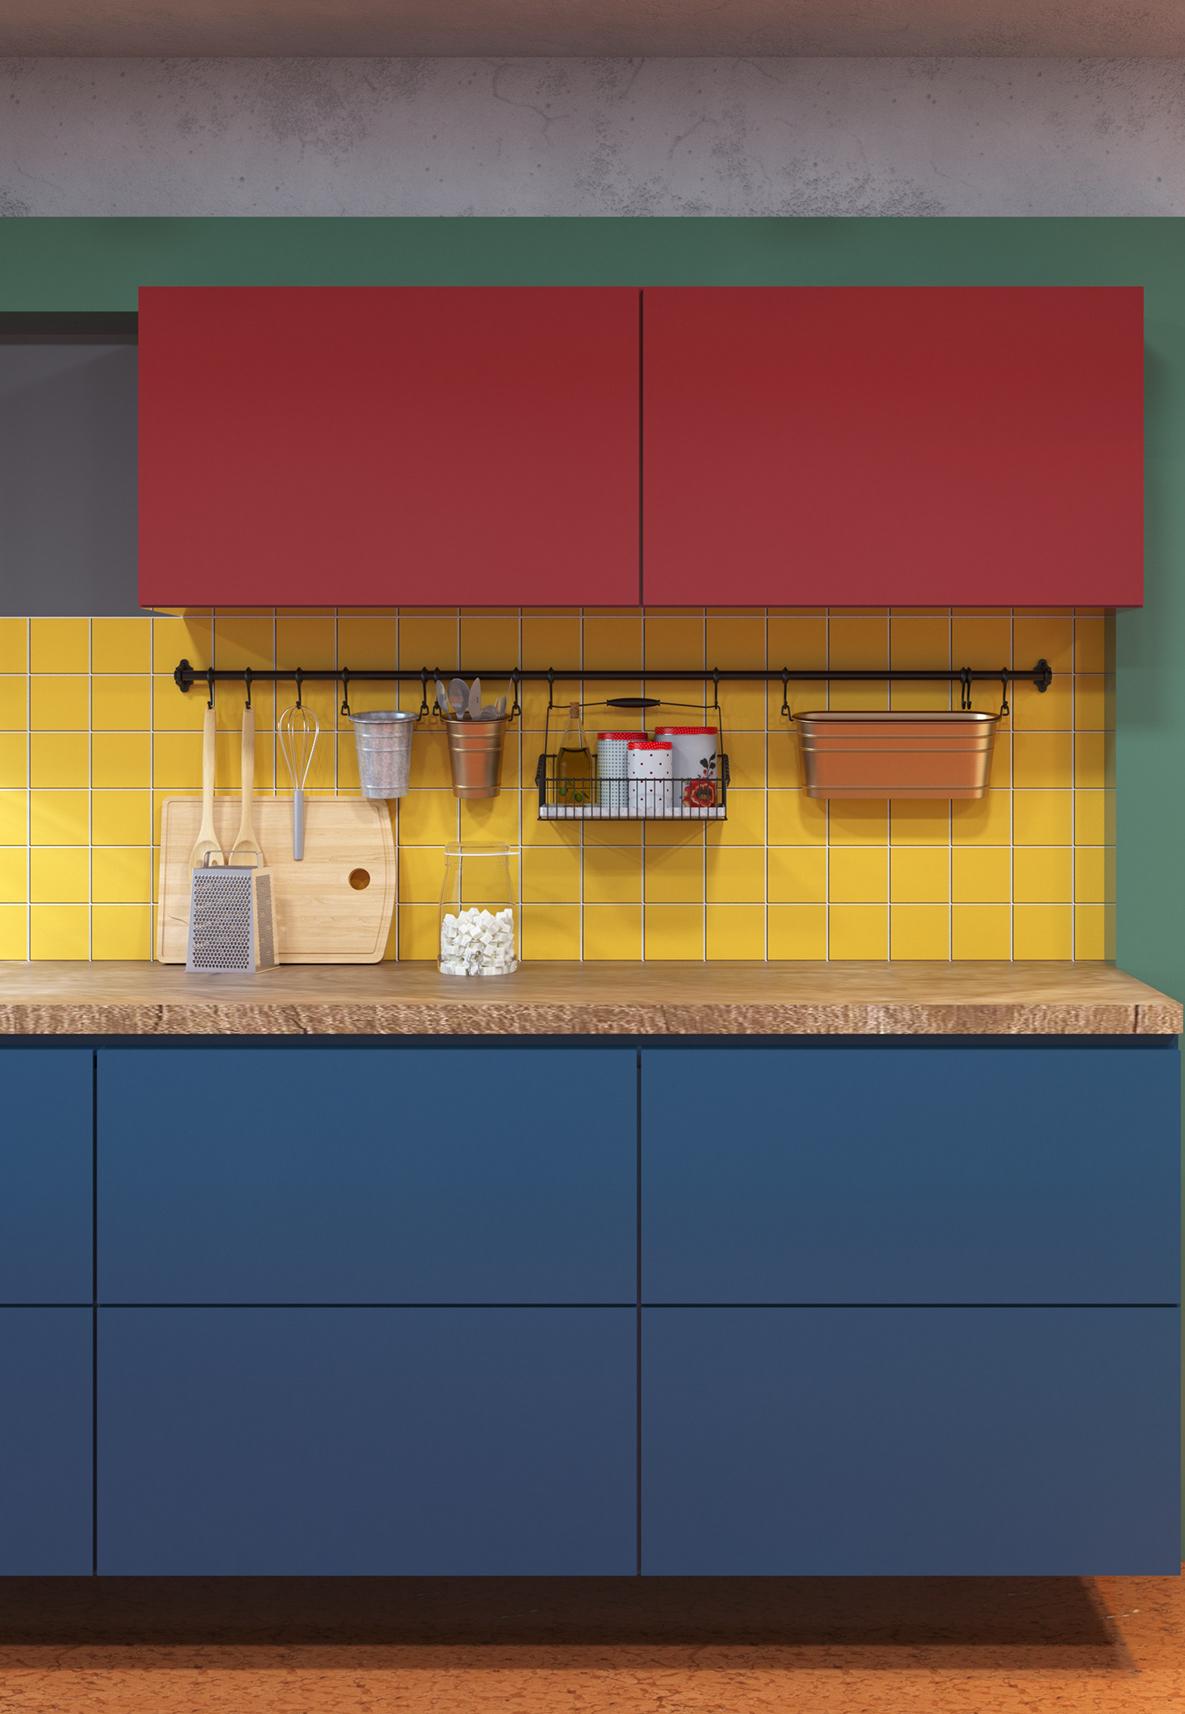 Outra ideia de composição em cores primárias nos armários e parede desta cozinha